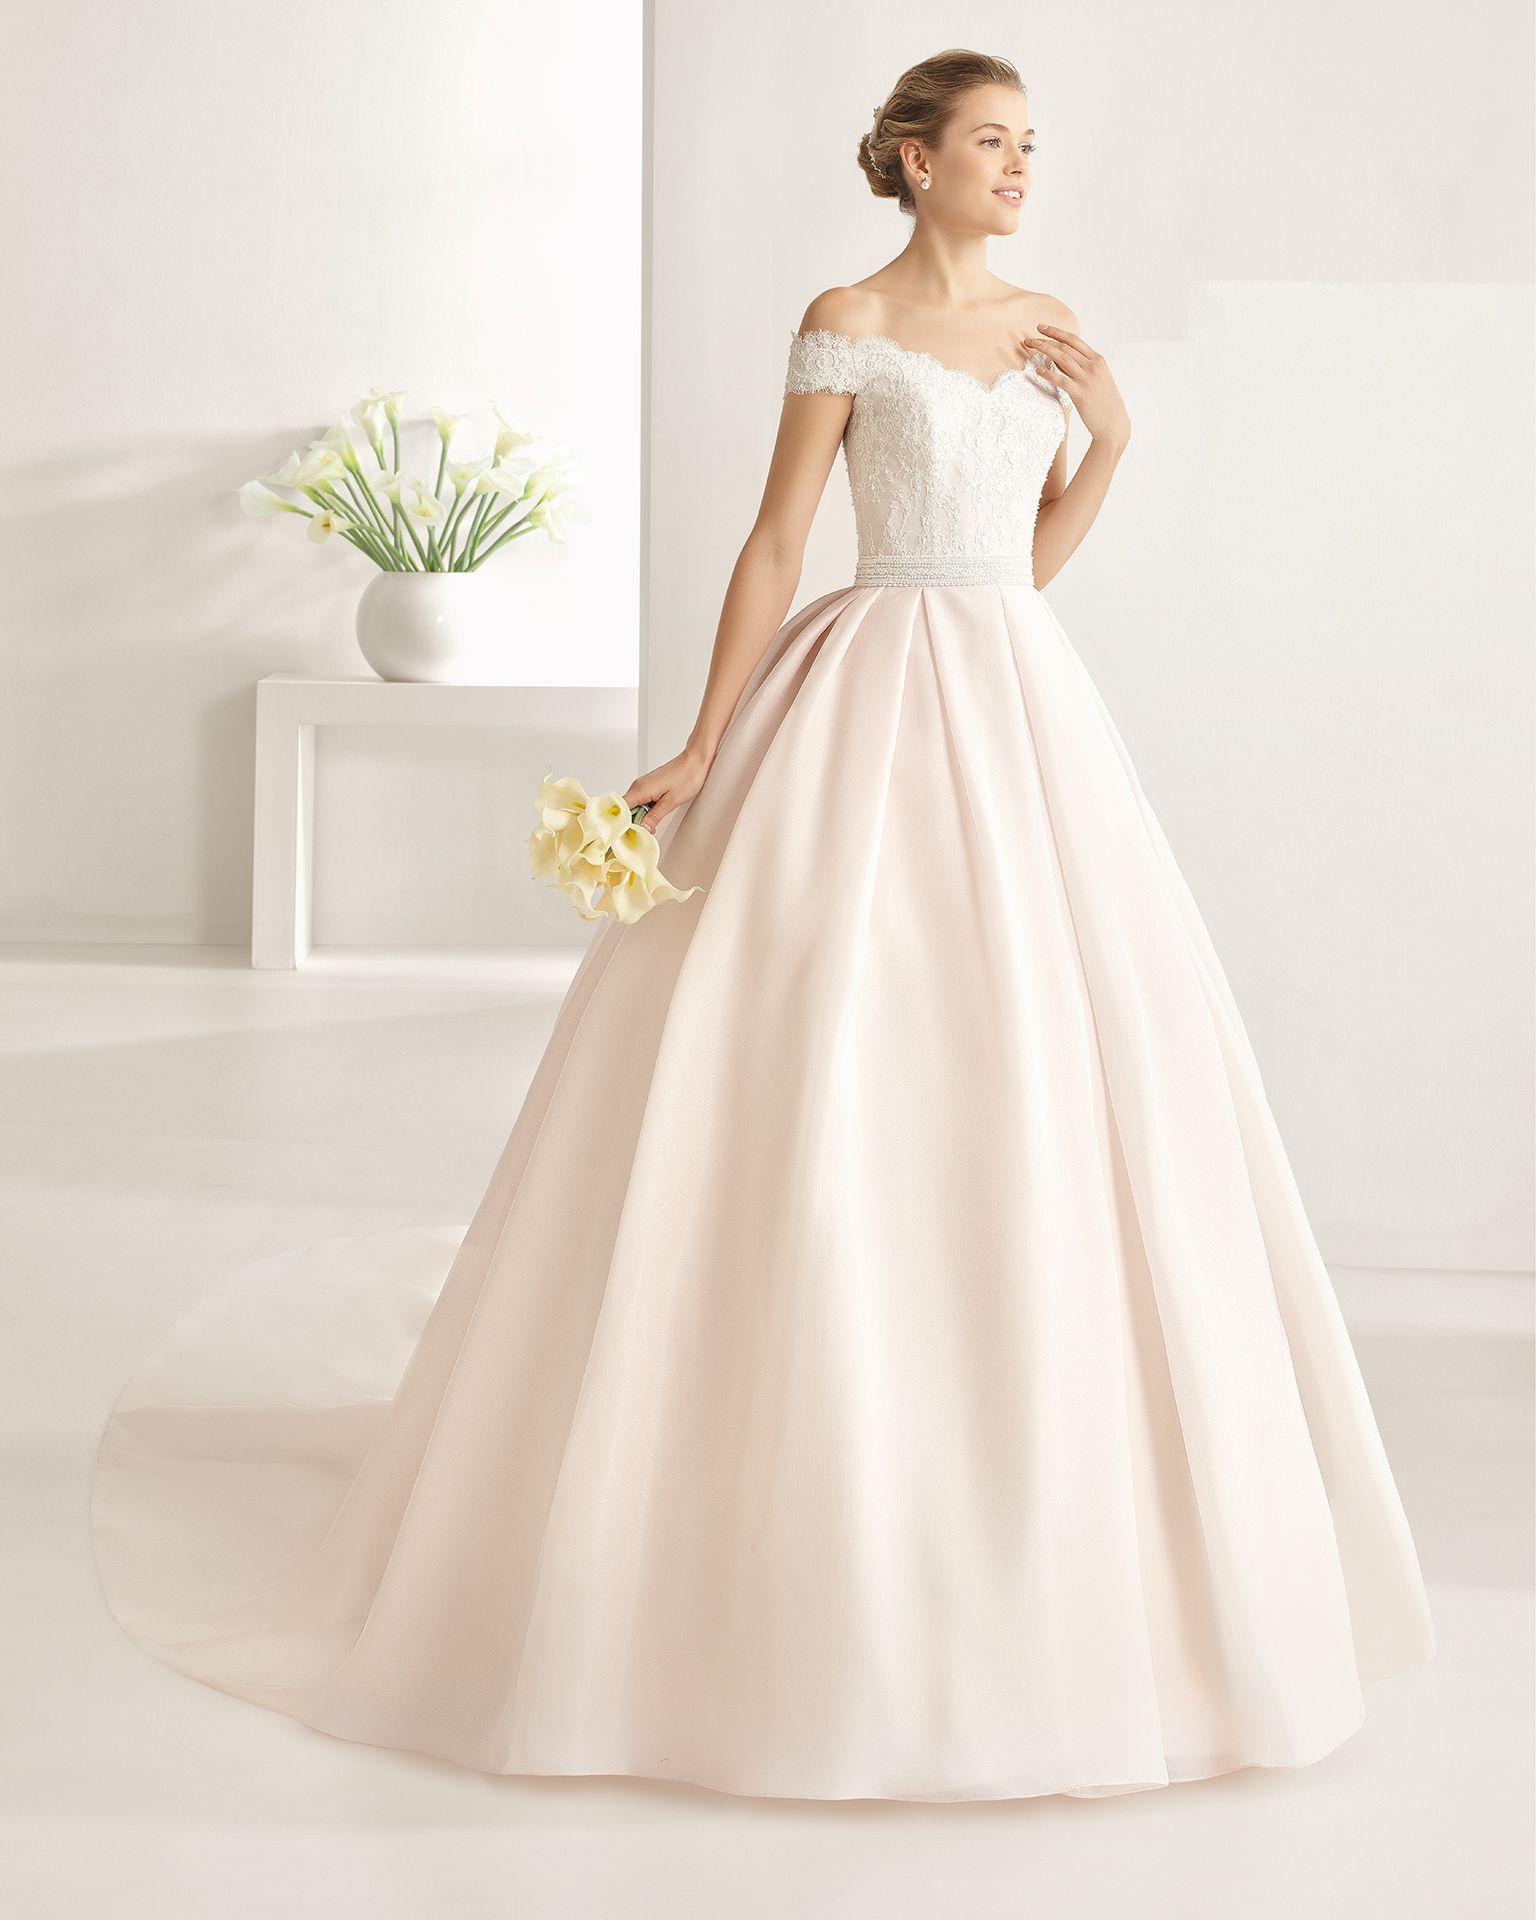 7d9b2800f ONIX vestido con cuerpo de encaje pedrería y falda de gazar. Bridal Dresses